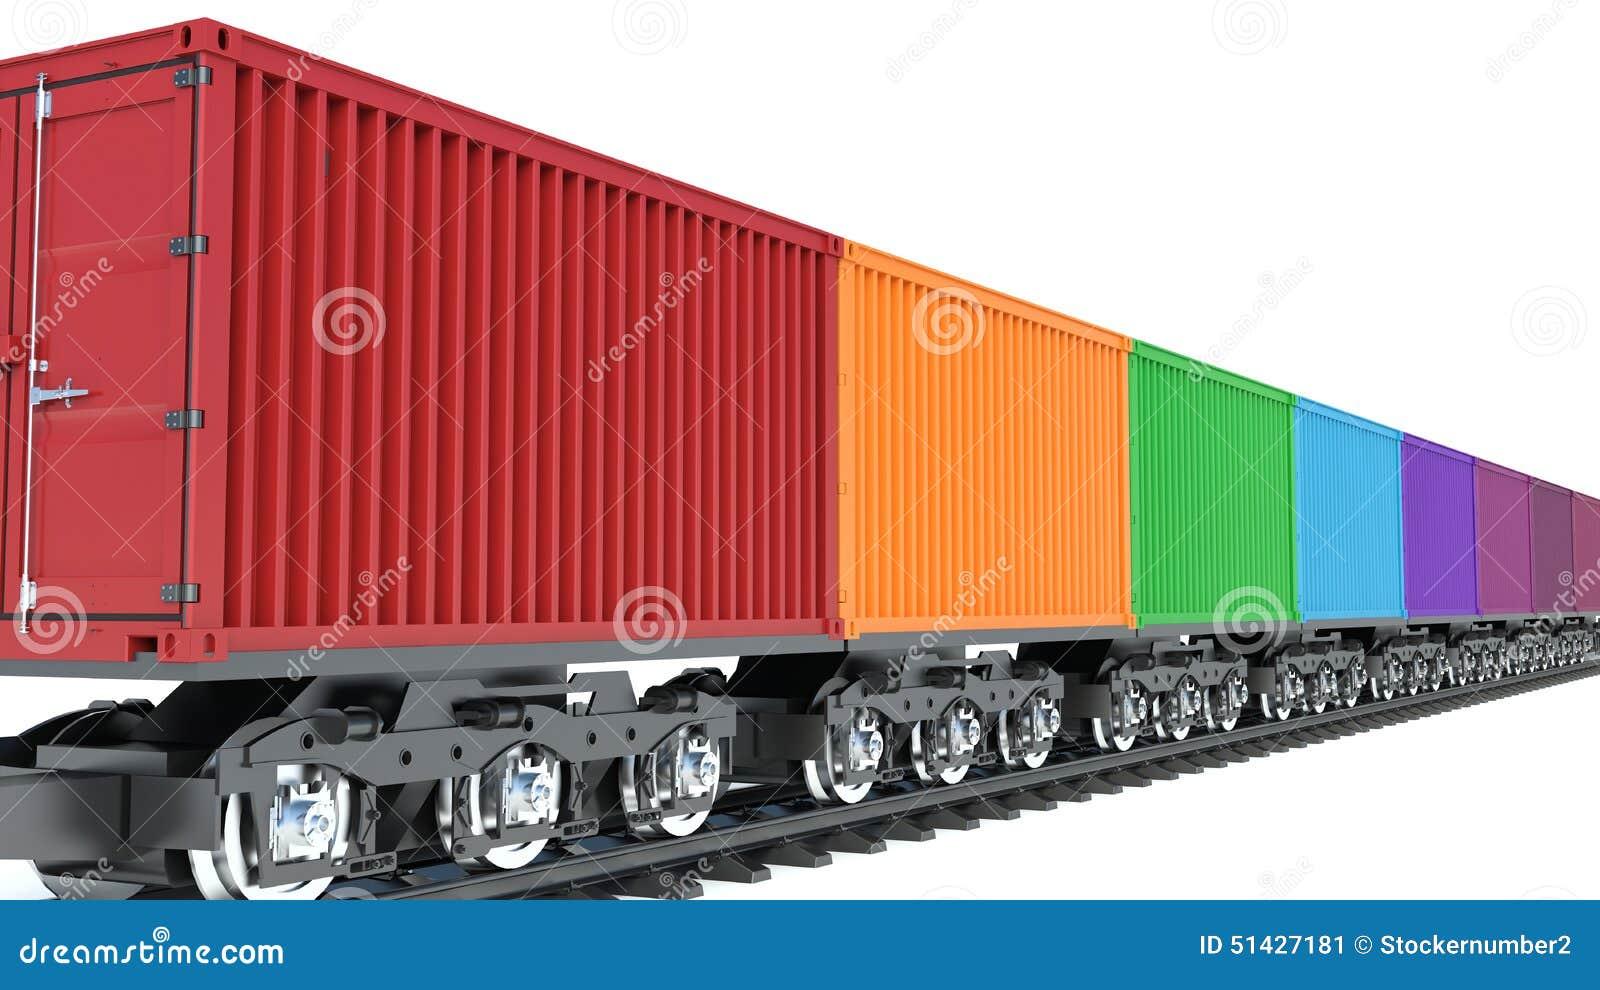 3d illustratie van wagen van goederentrein met containers